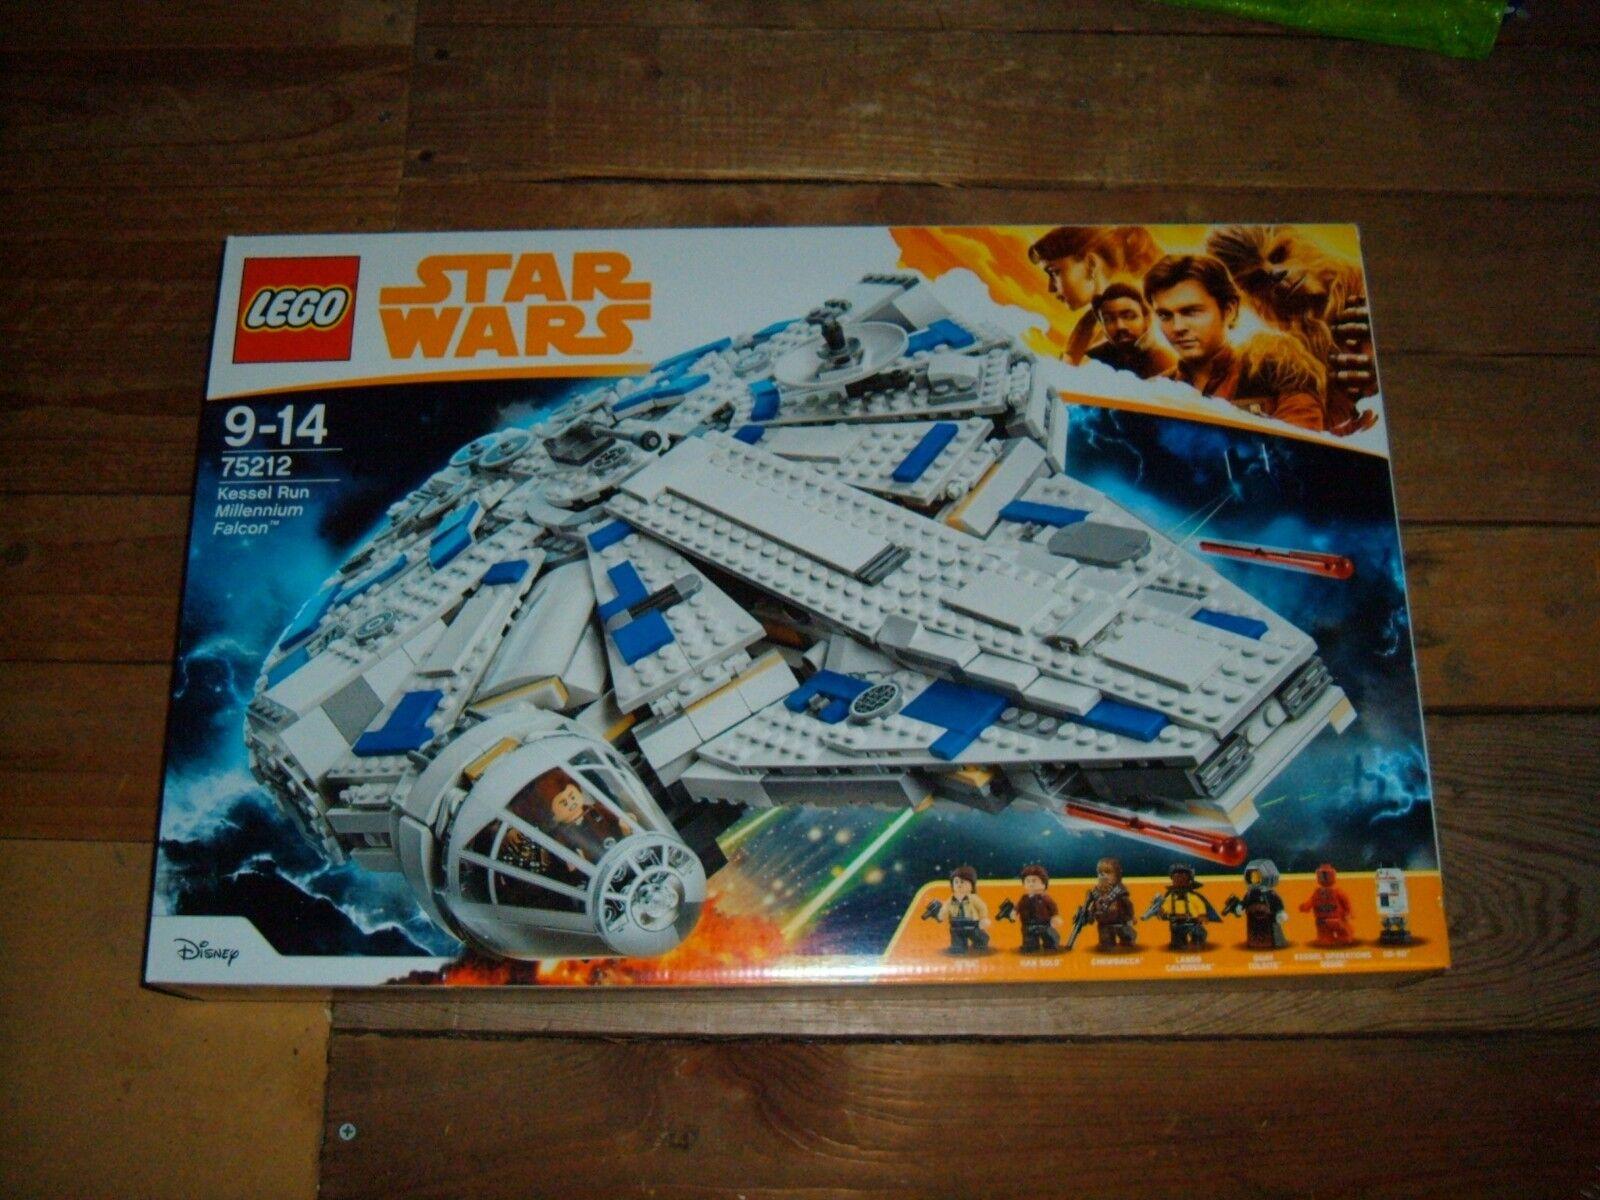 LEGO 75212 Star Wars Kessel Run Millennium Falcon BNIB